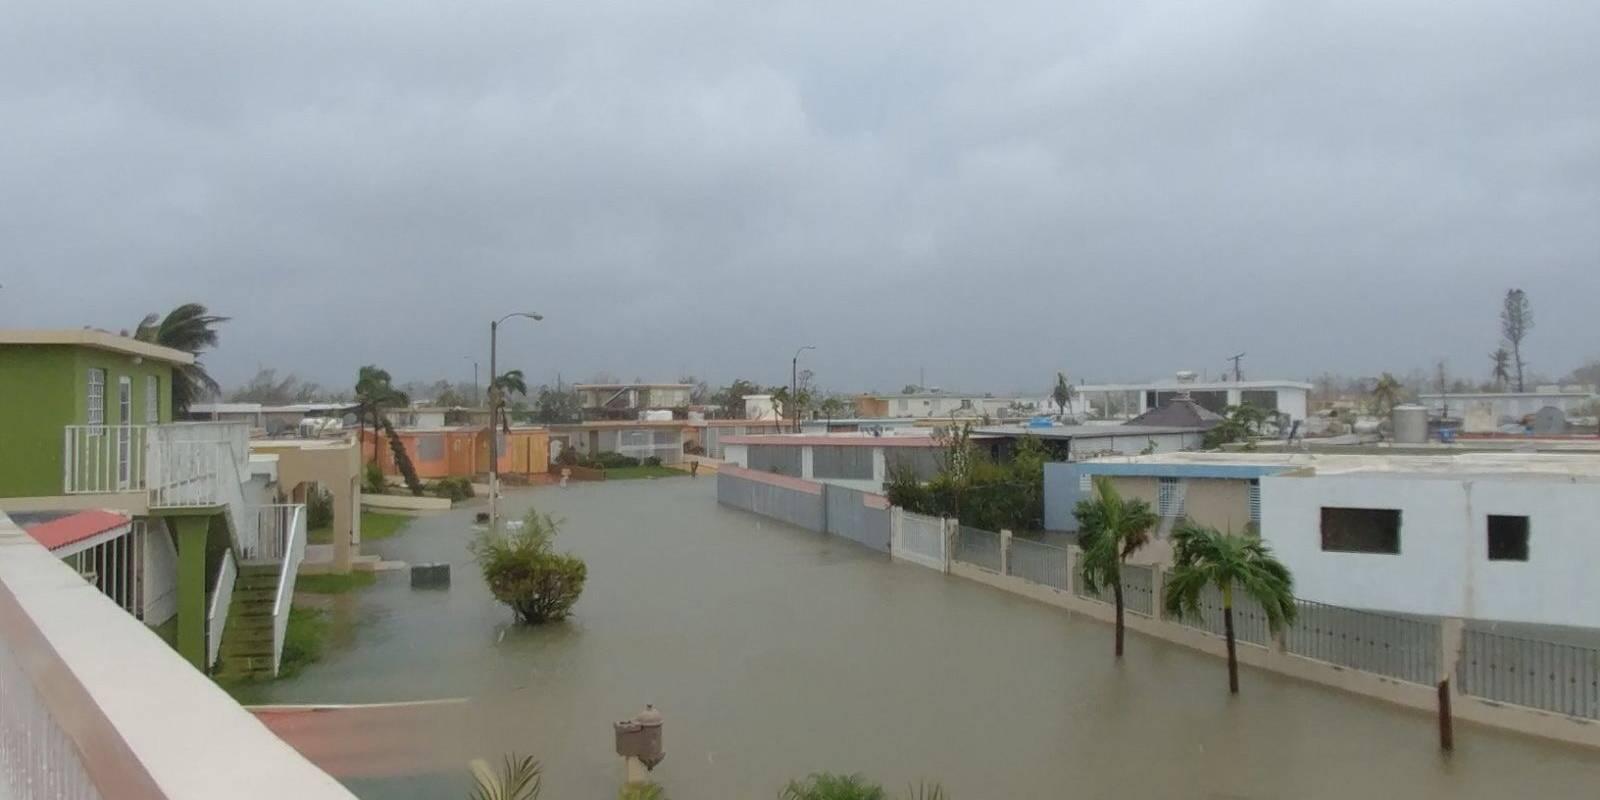 Foto suministrada por J. Suárez